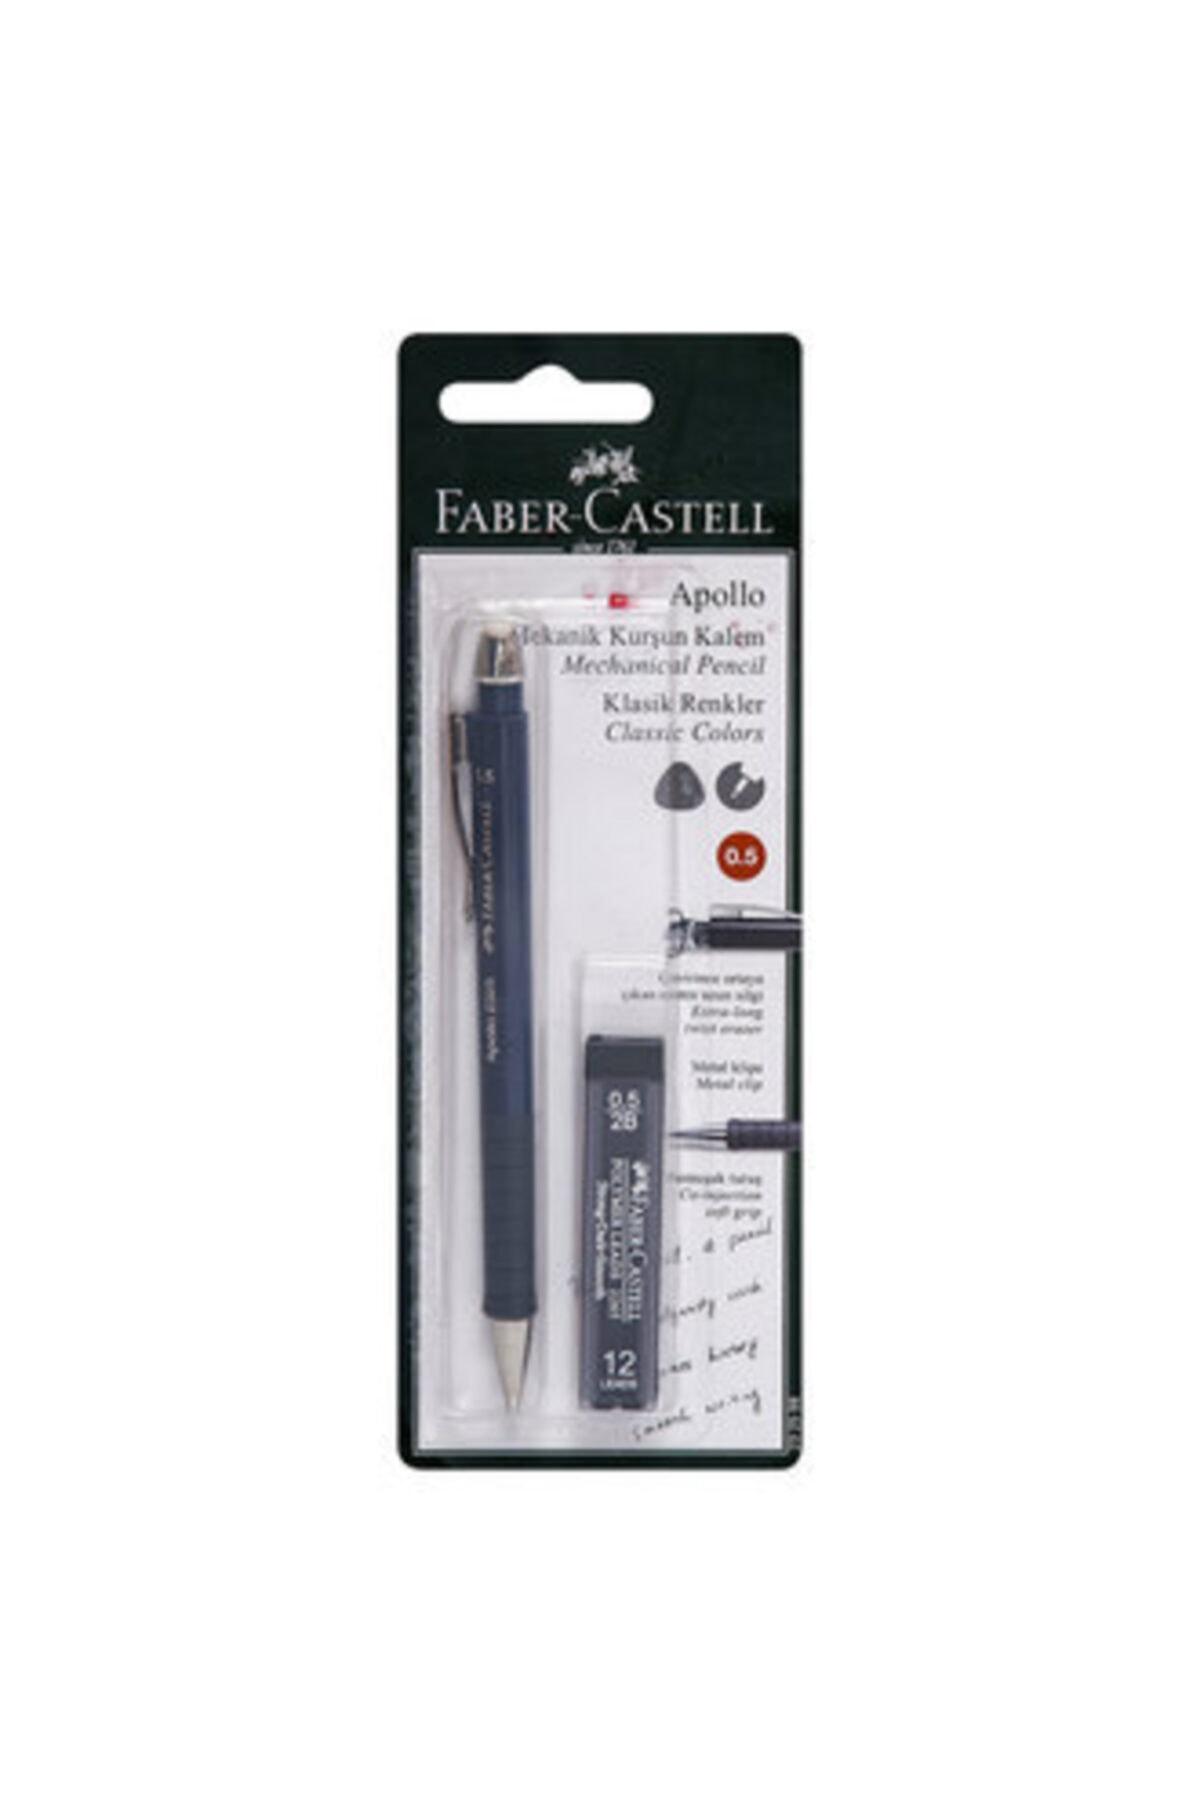 Faber Castell Apollo 07 Uç Hediyeli Mekanik Uçlu Kalem 1